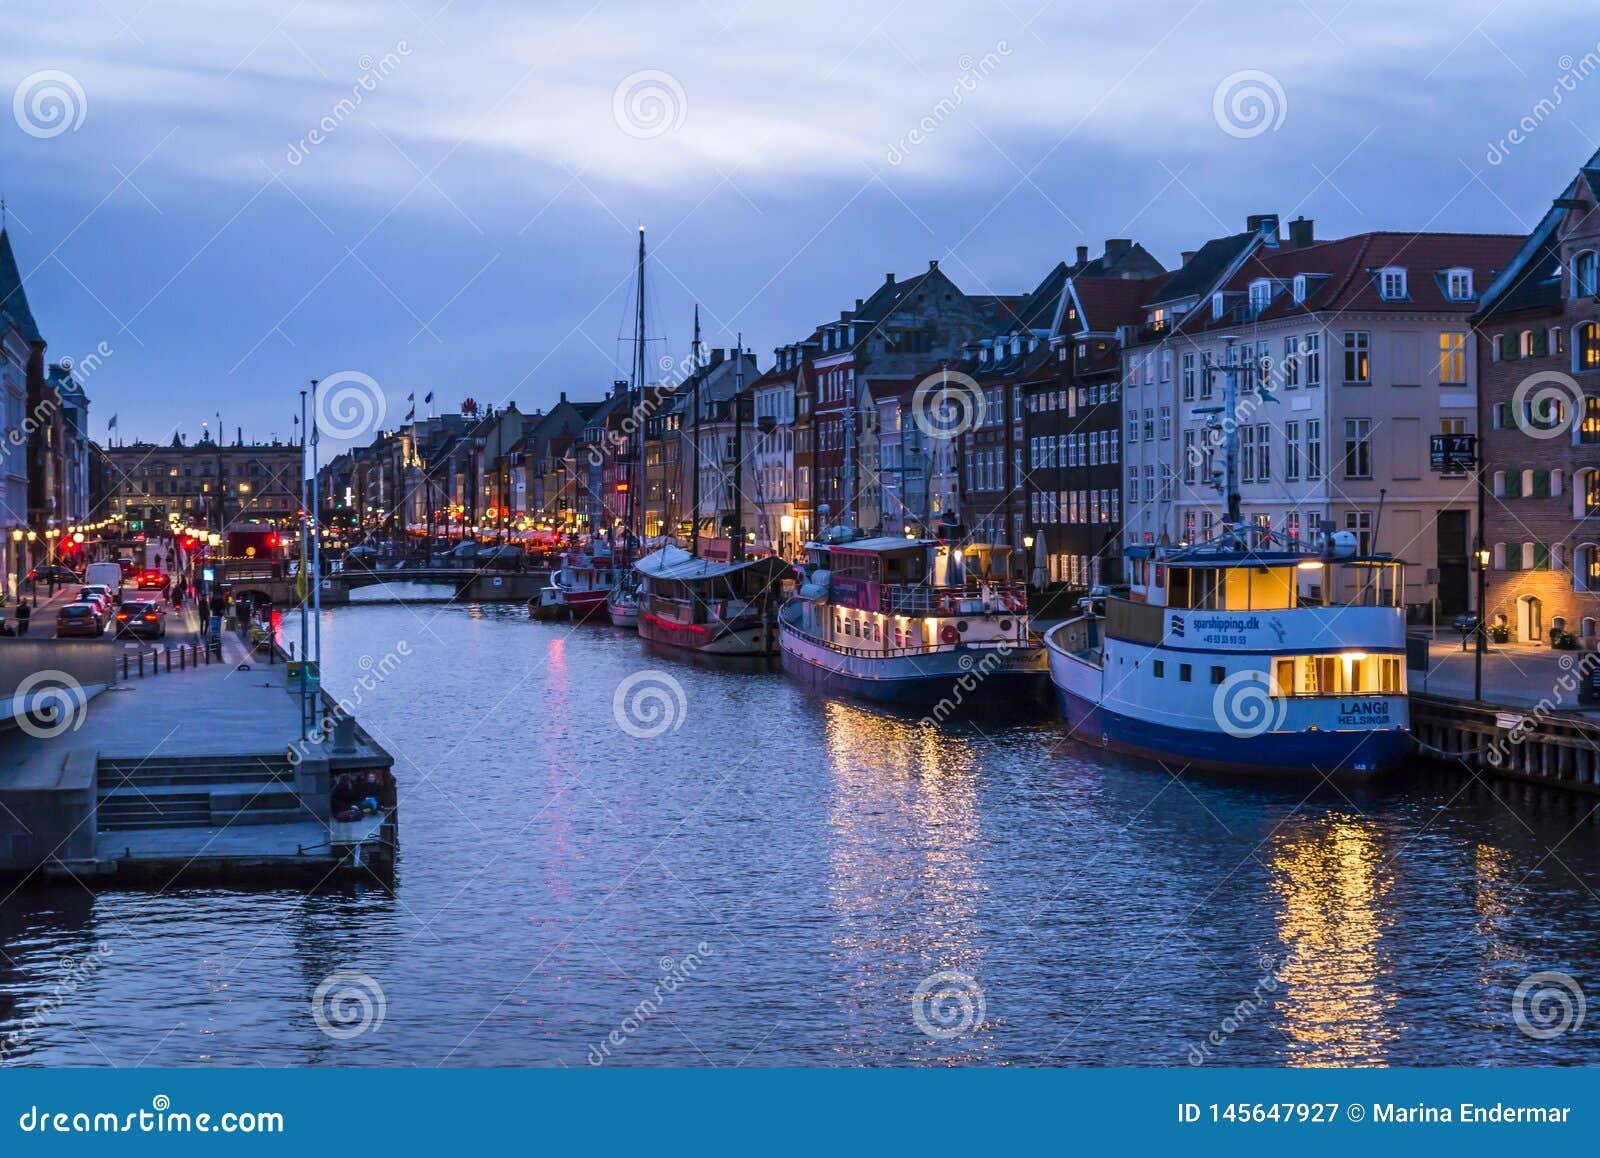 Nyhavn or New harbour, Copenhagen, Denmark